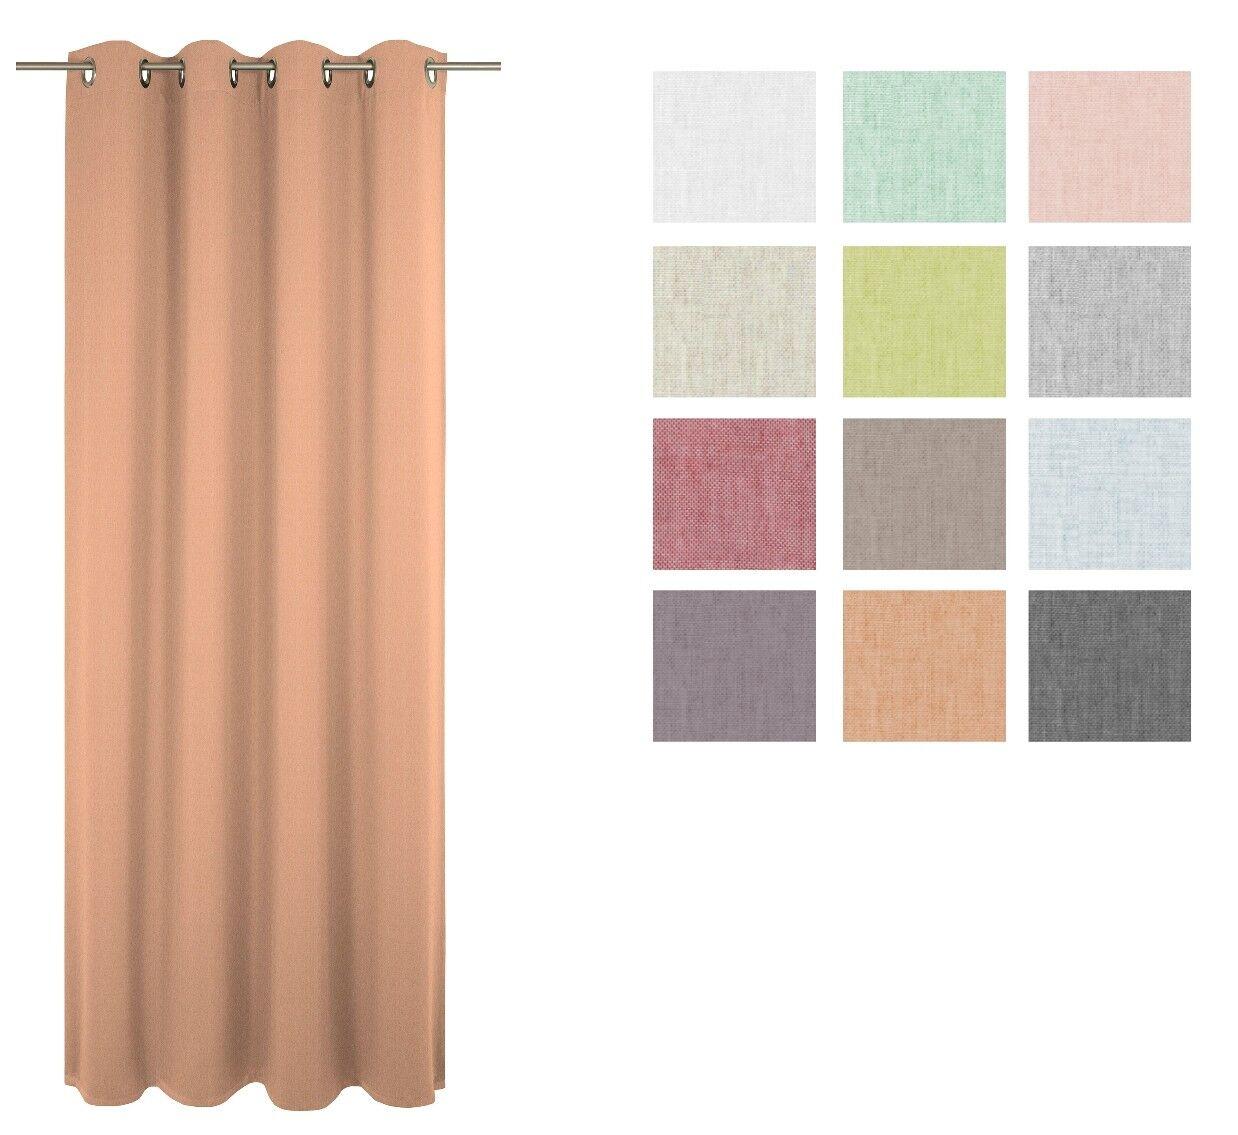 Fertigvorhang Fertigvorhang Fertigvorhang   Ösenschal Sunday Farbe 70 Rosa   5 Größen | Ausreichende Versorgung  6f82df